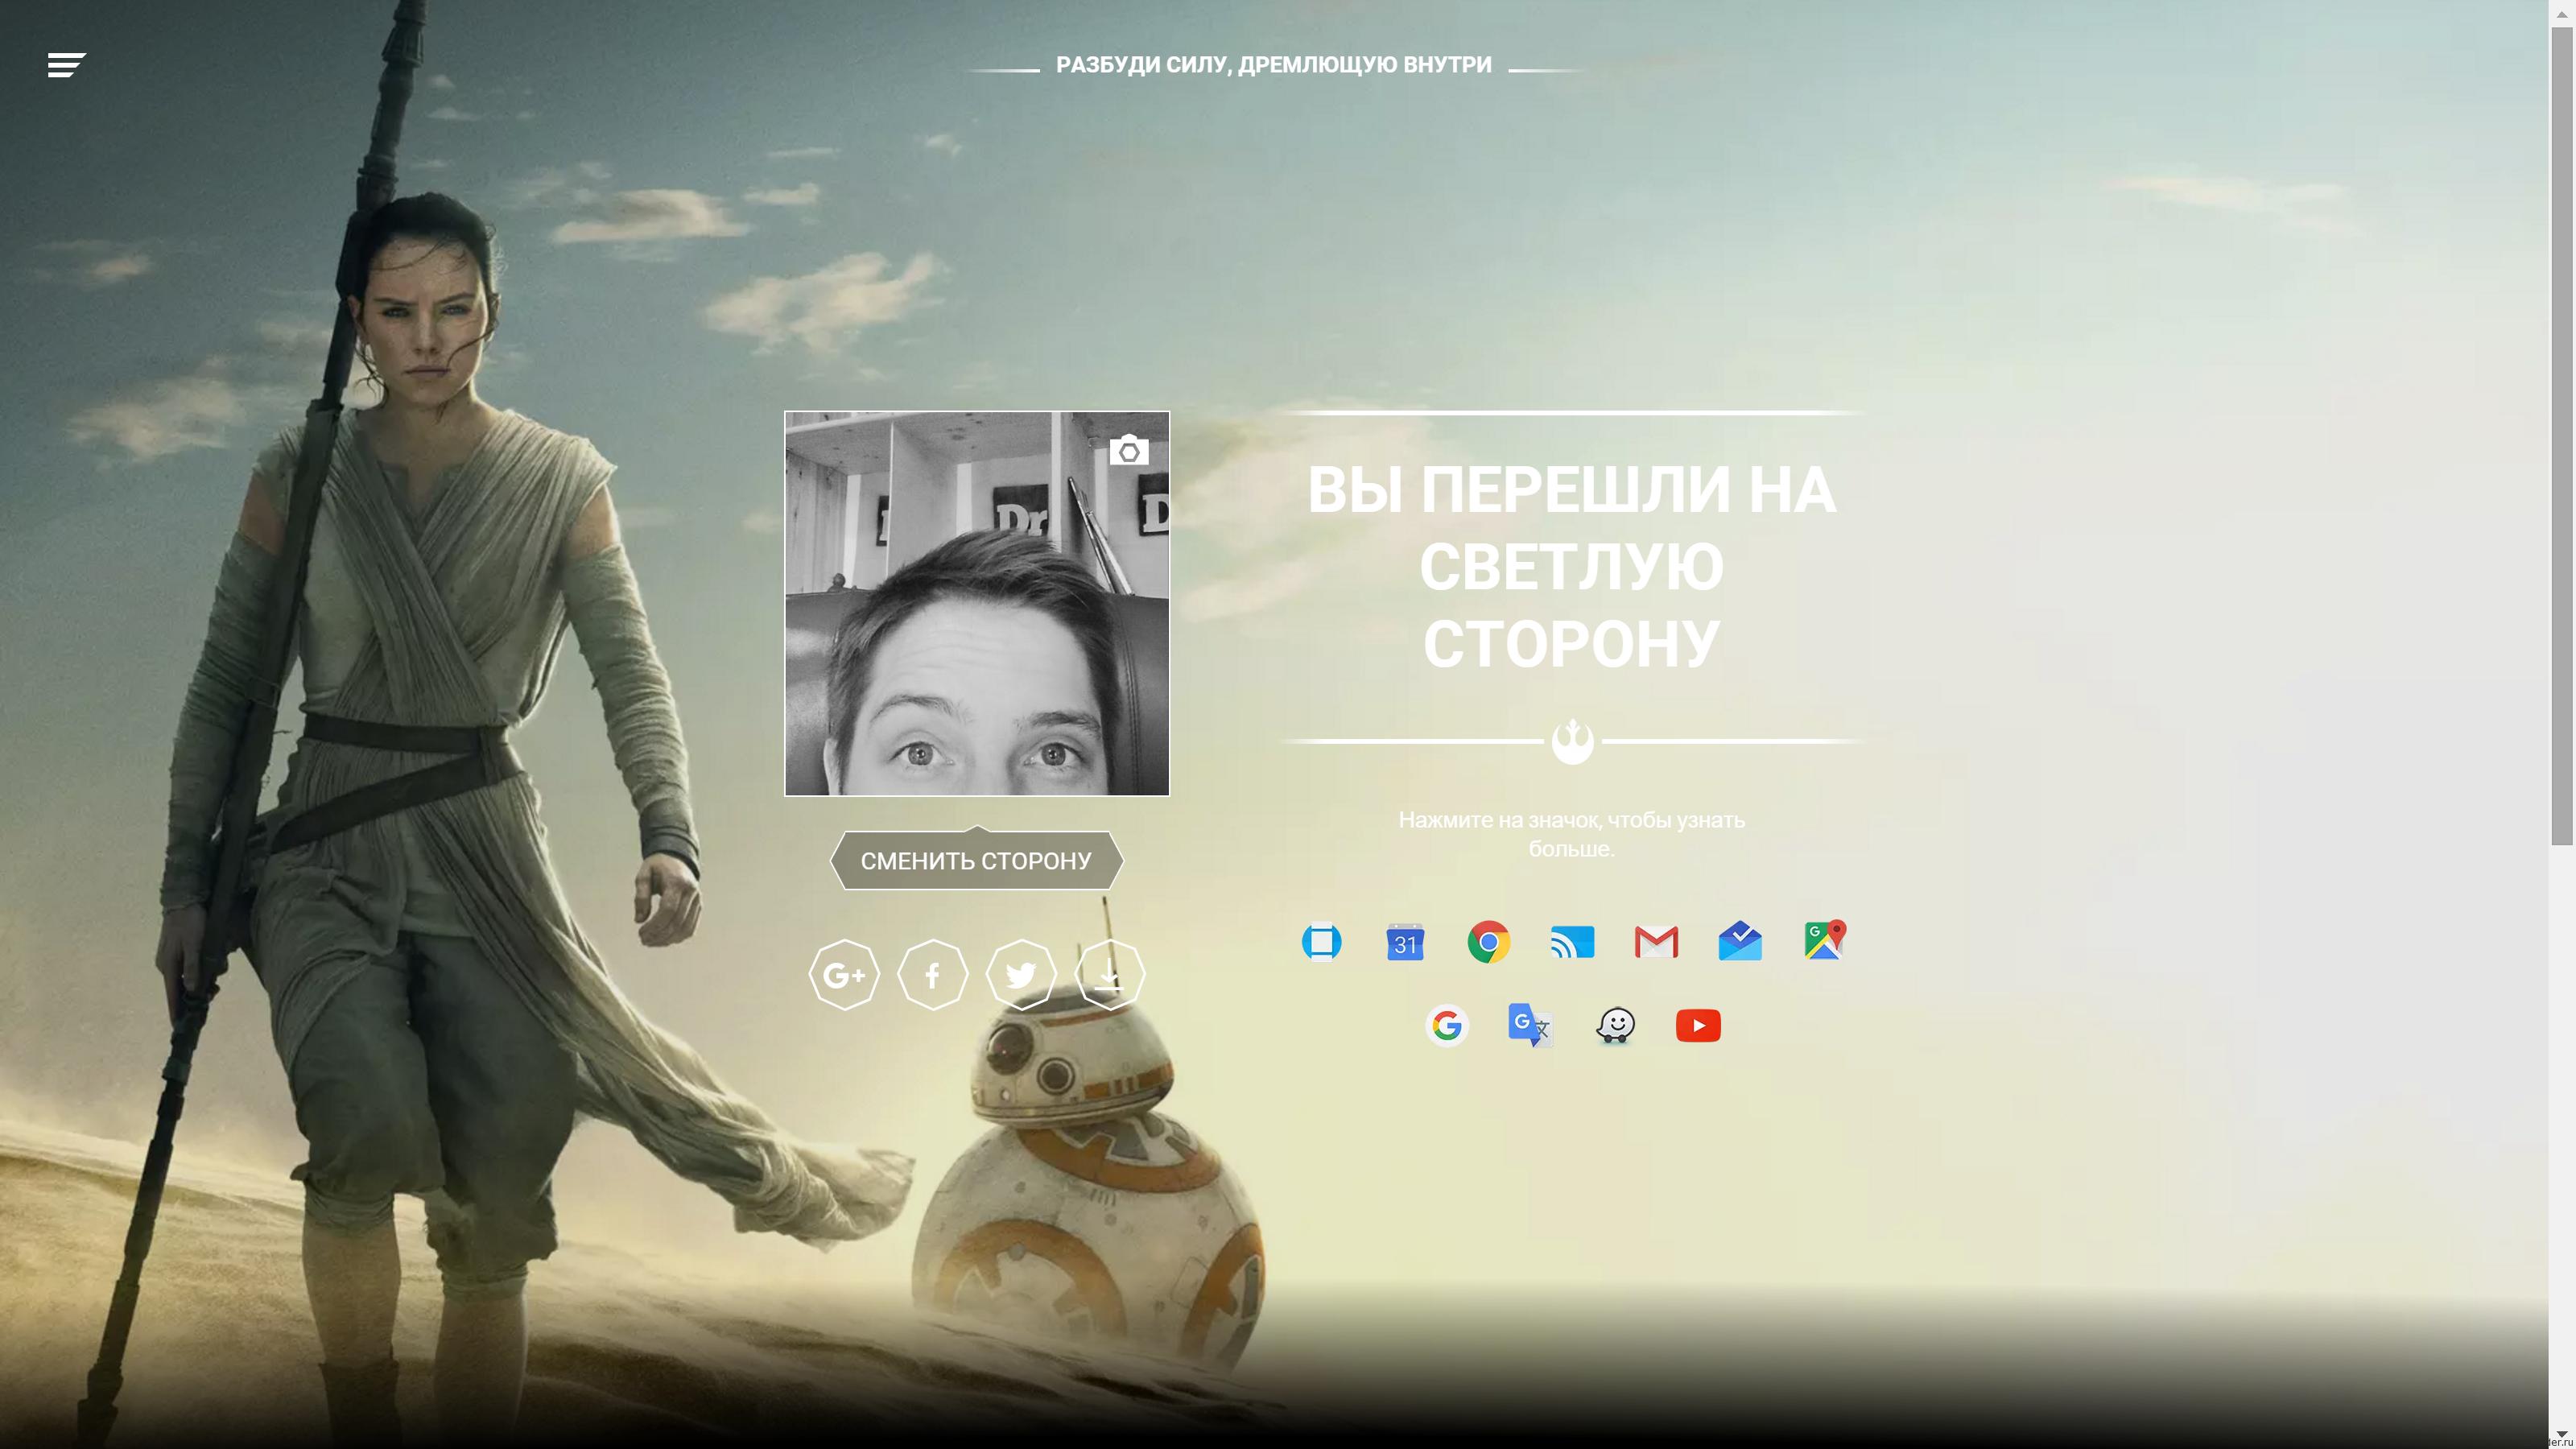 Андрей Рассказов